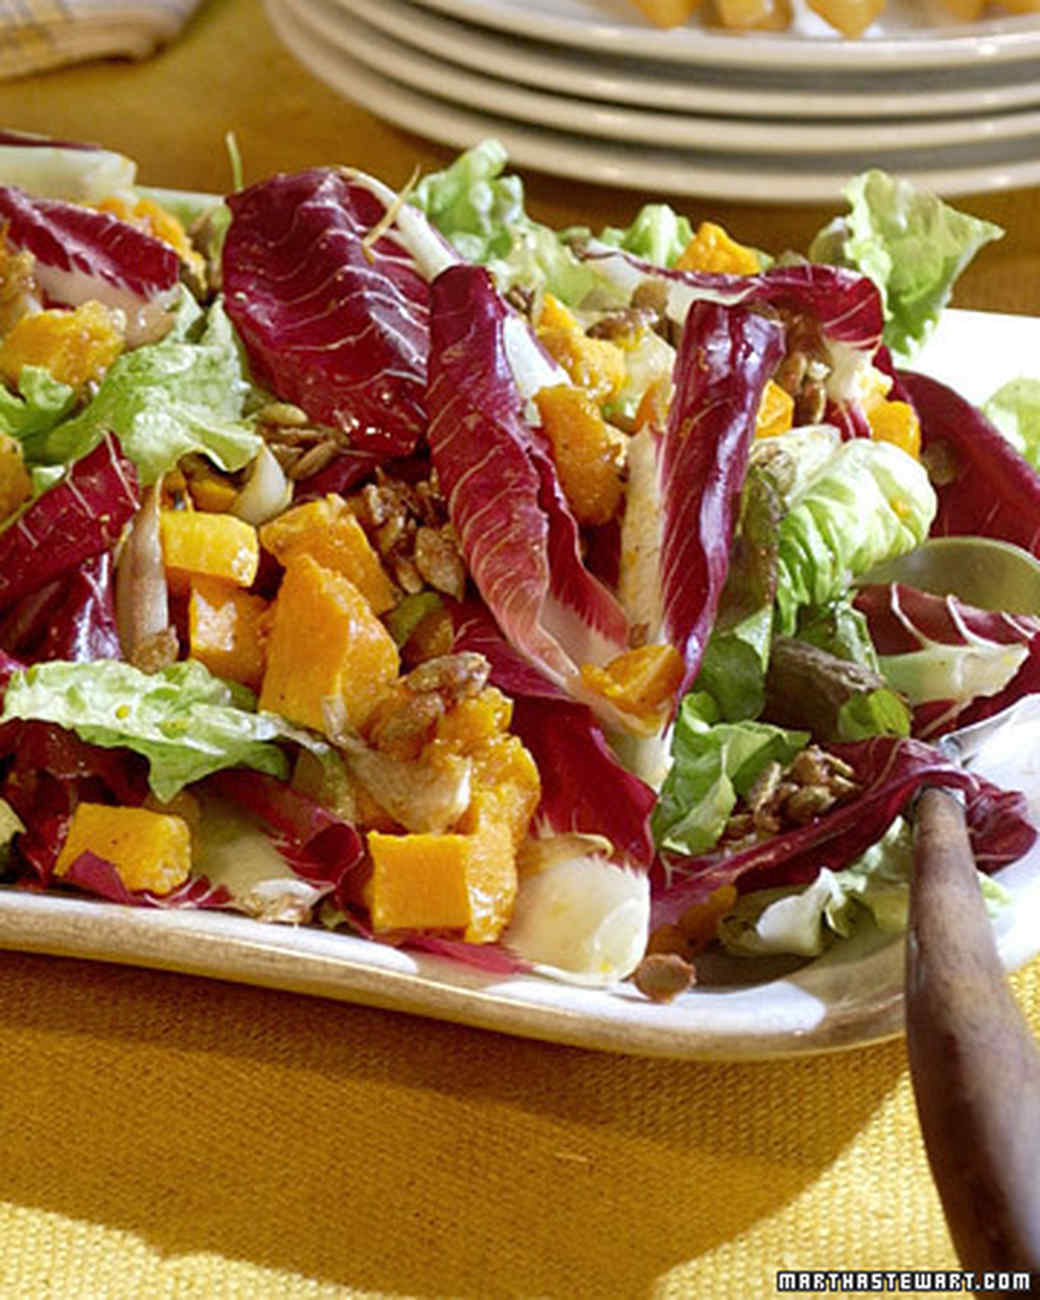 Фото рецепт салата с чипсами